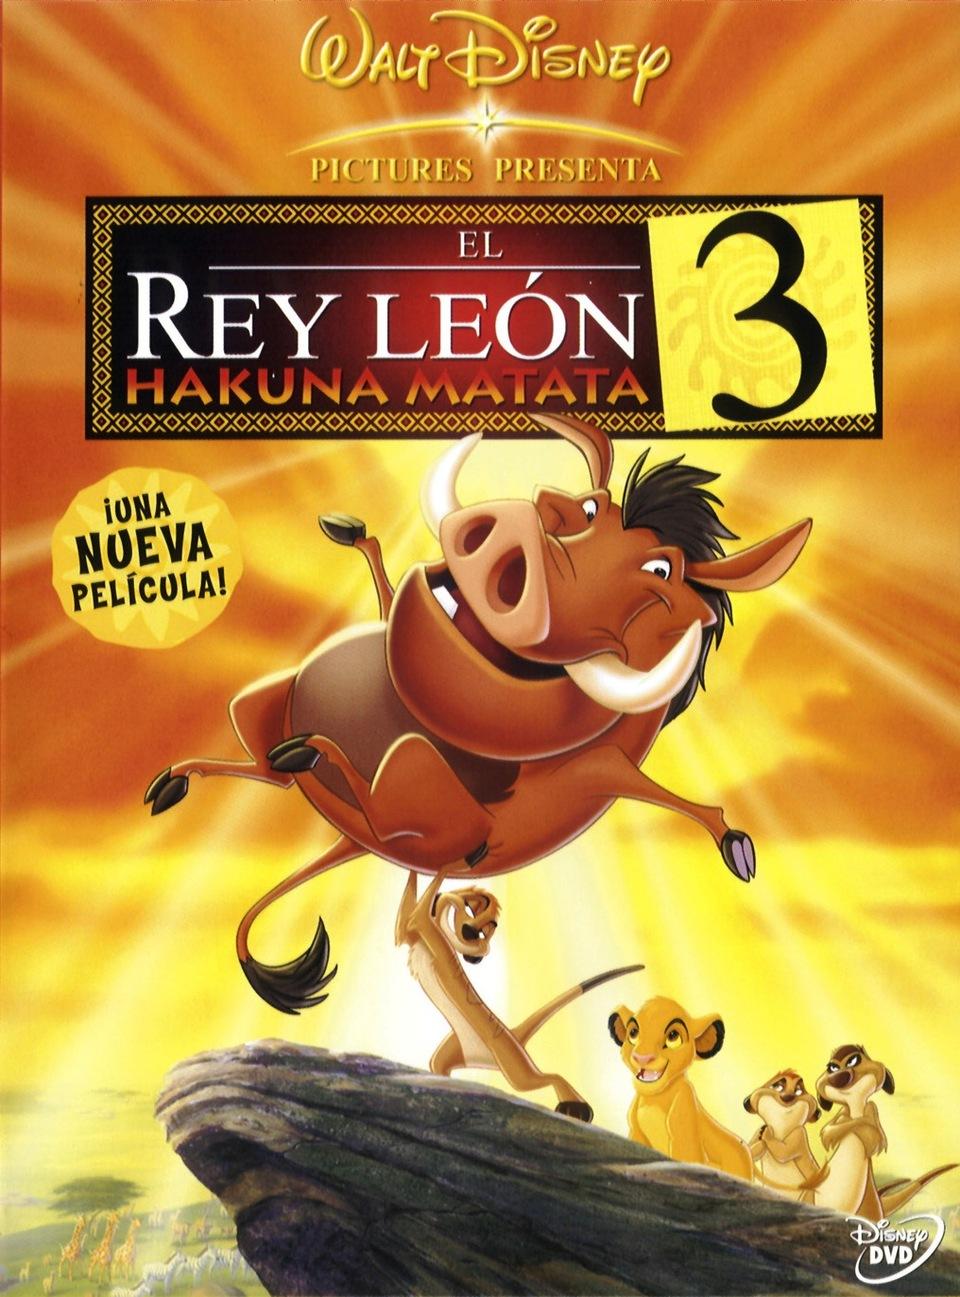 http://1.bp.blogspot.com/-7HeYo3asFBA/Ud_qUM850mI/AAAAAAAABi0/ssIKrKfNFiY/s1600/001-el-rey-leon-3-hakuna-matata-espana.jpg